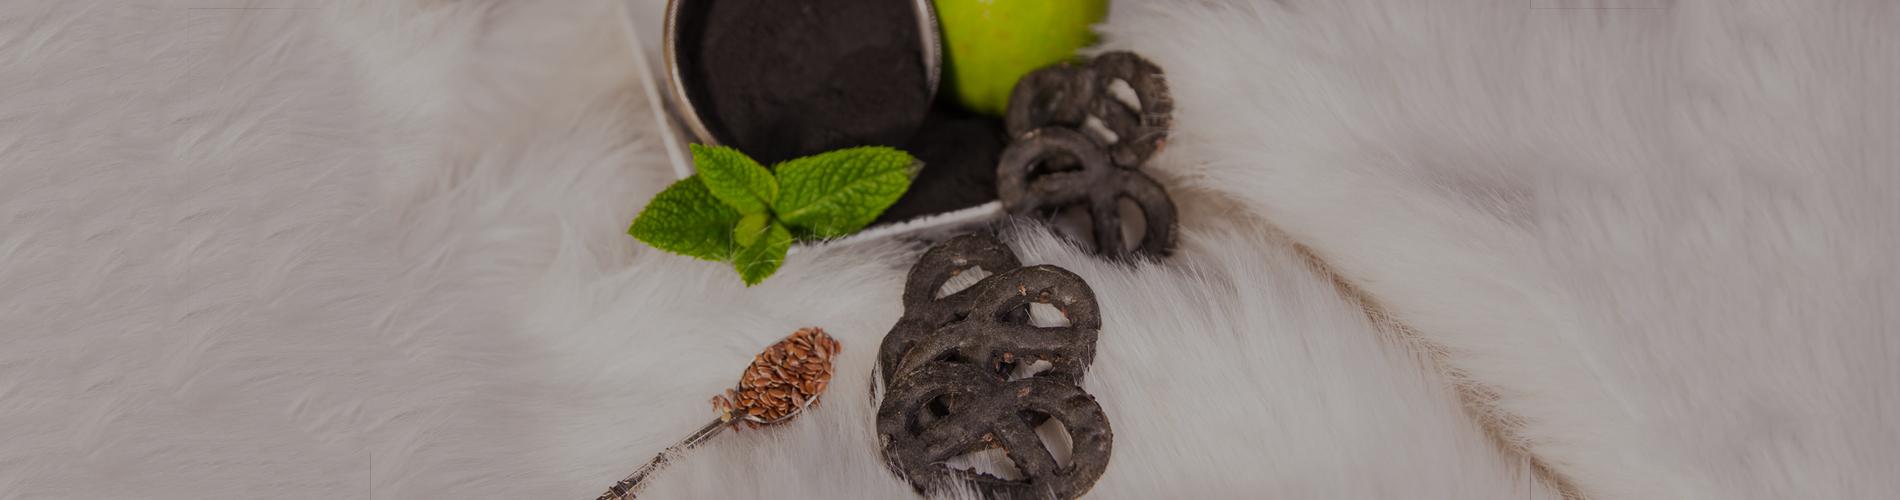 Chichi&Petzel 3 - Biscuits pour chien made in France - La Box Naturelle